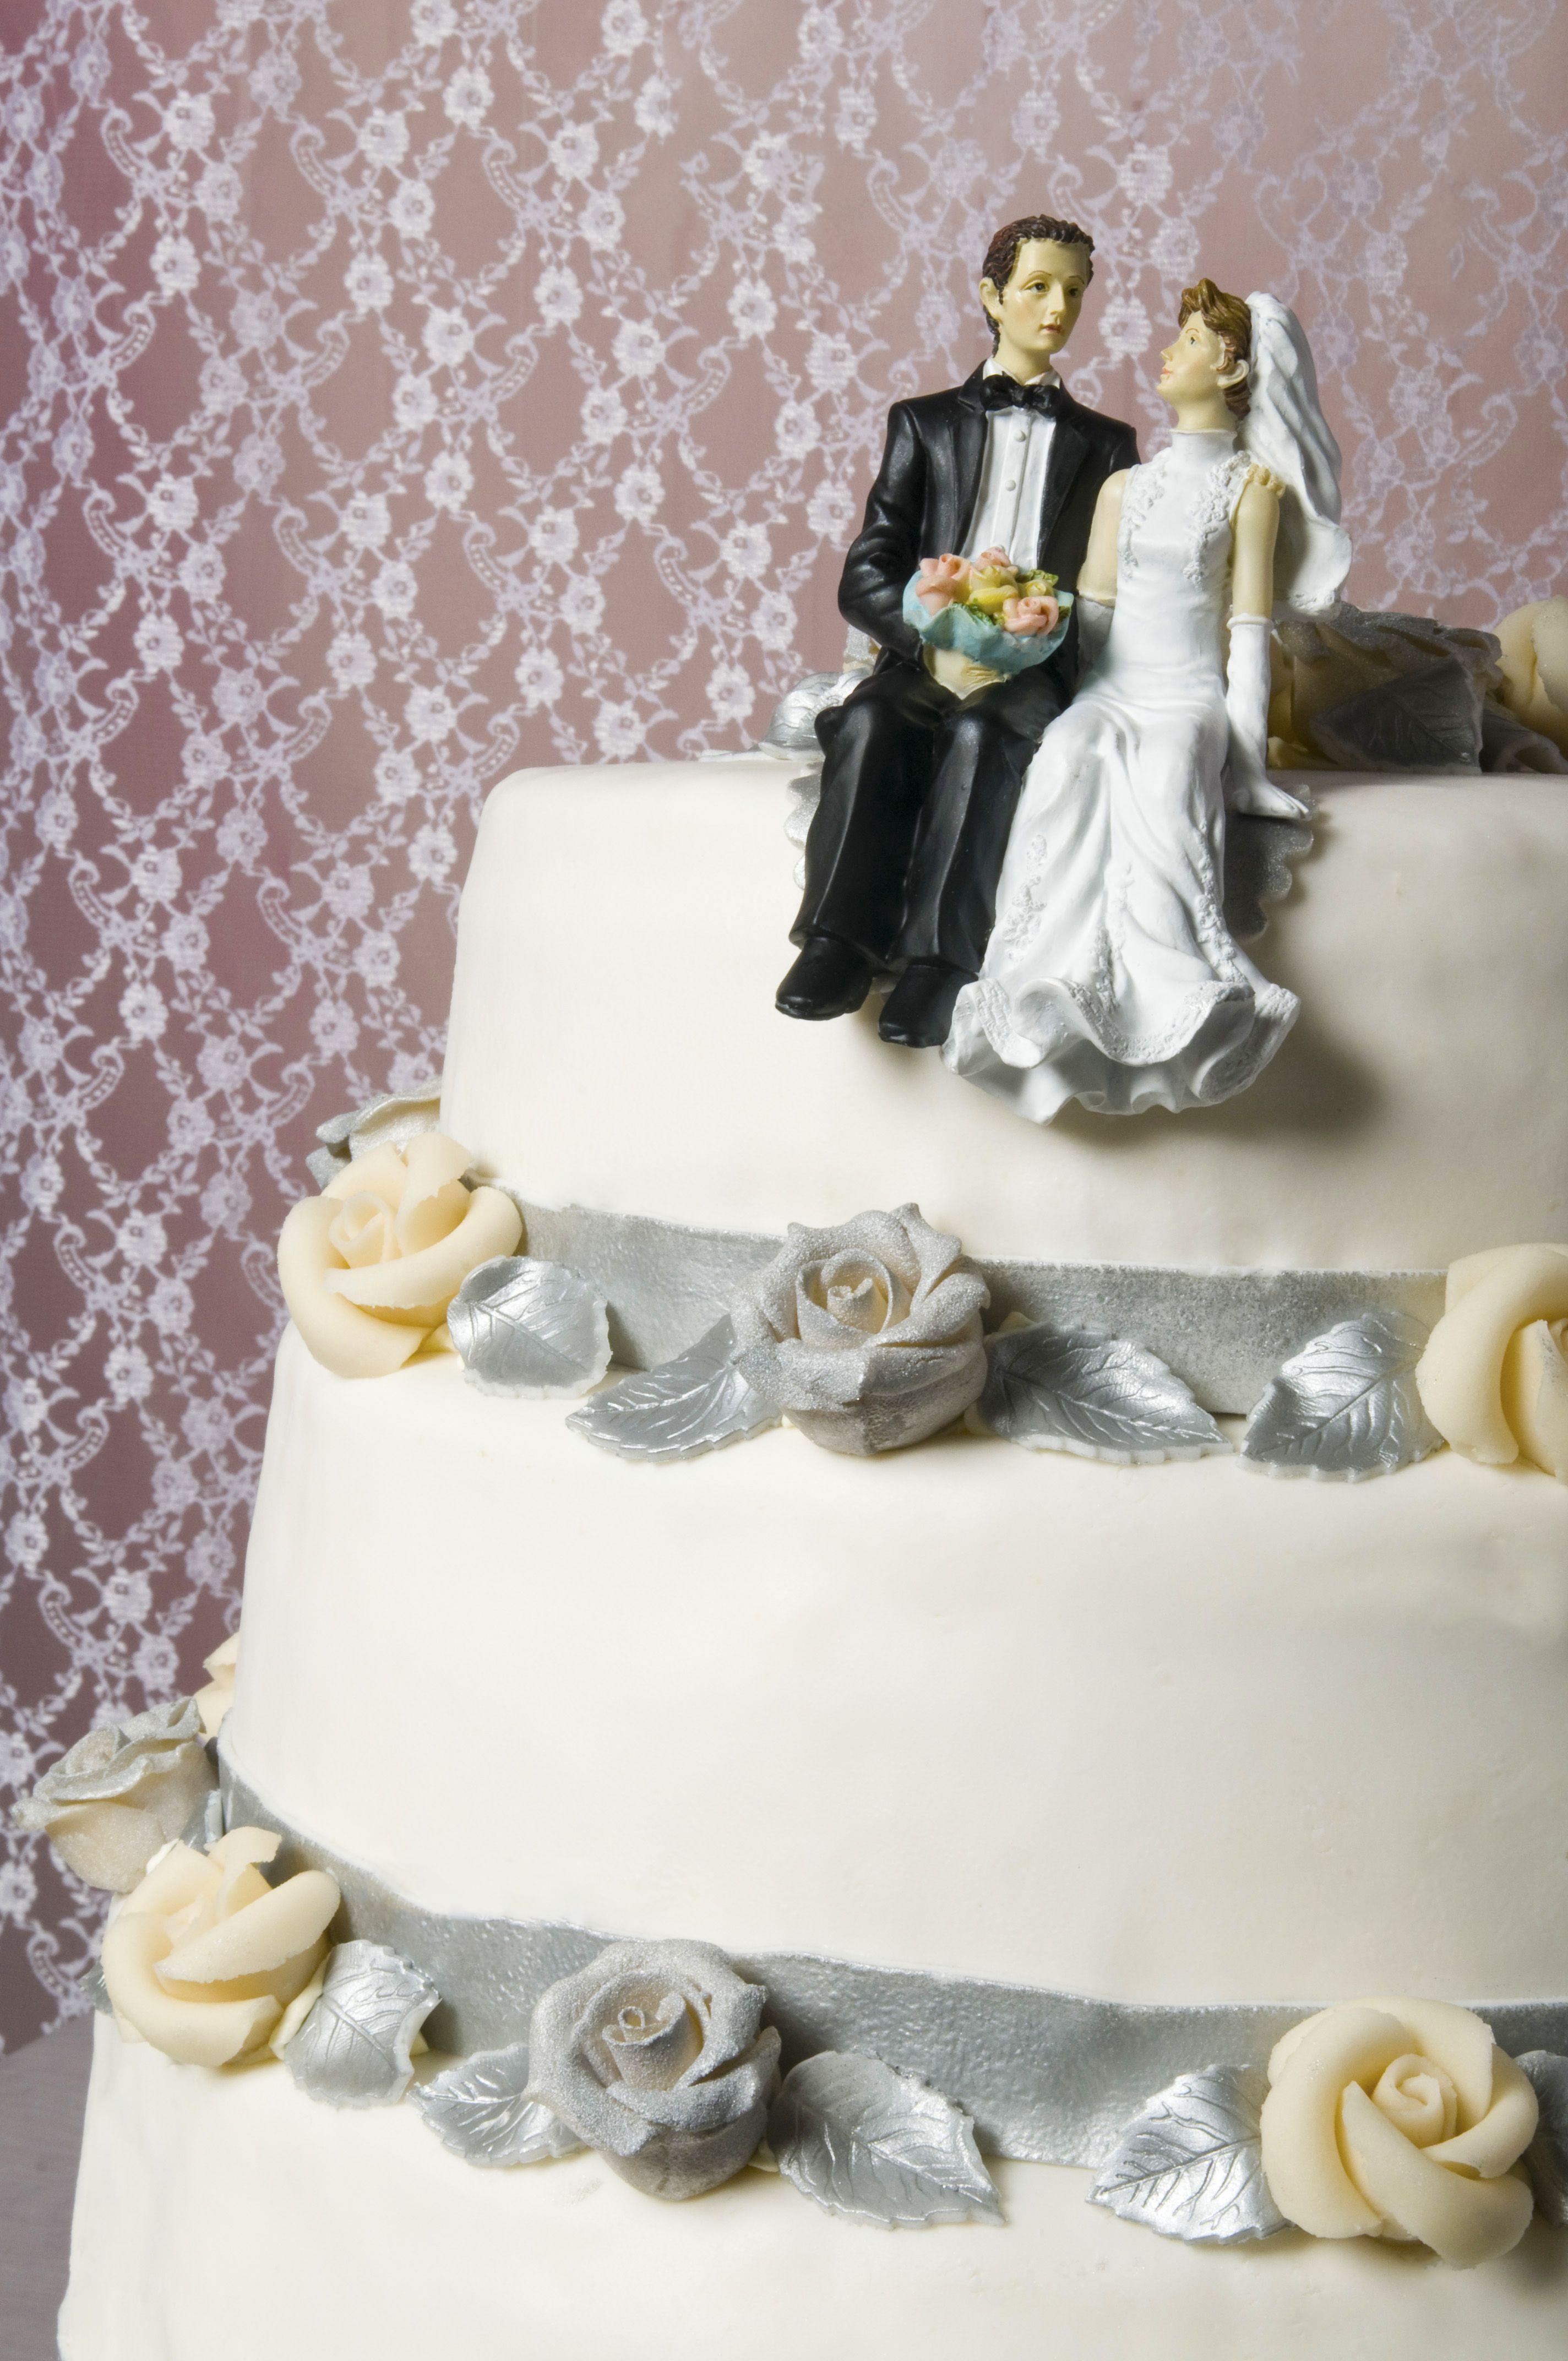 maanen taart Bruidstaart gemaakt door Meesterbakker van Maanen. Wij maken de  maanen taart